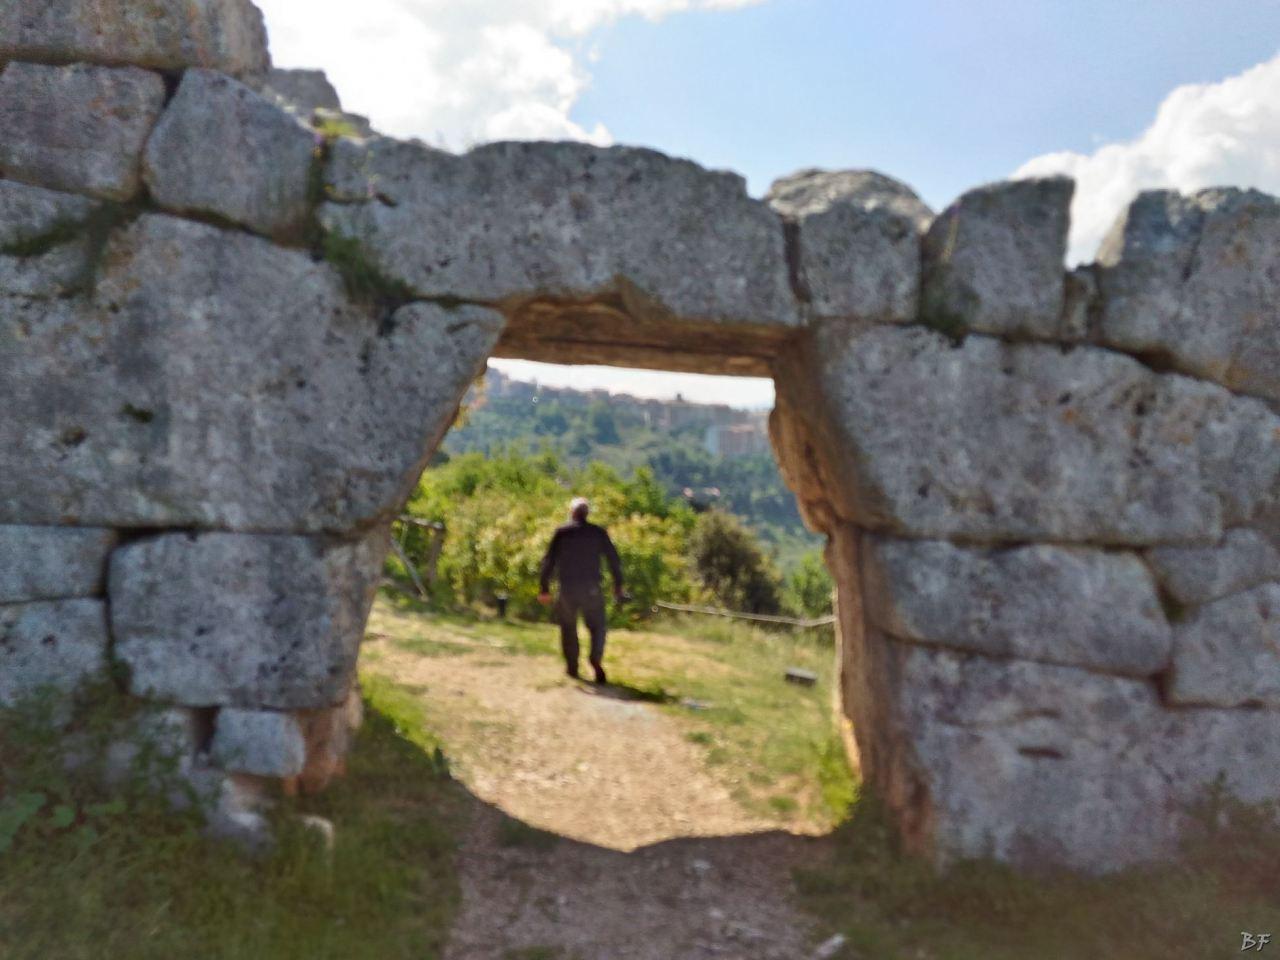 Signia-Mura-Poligonali-Megalitiche-Segni-Roma-Lazio-Italia-18